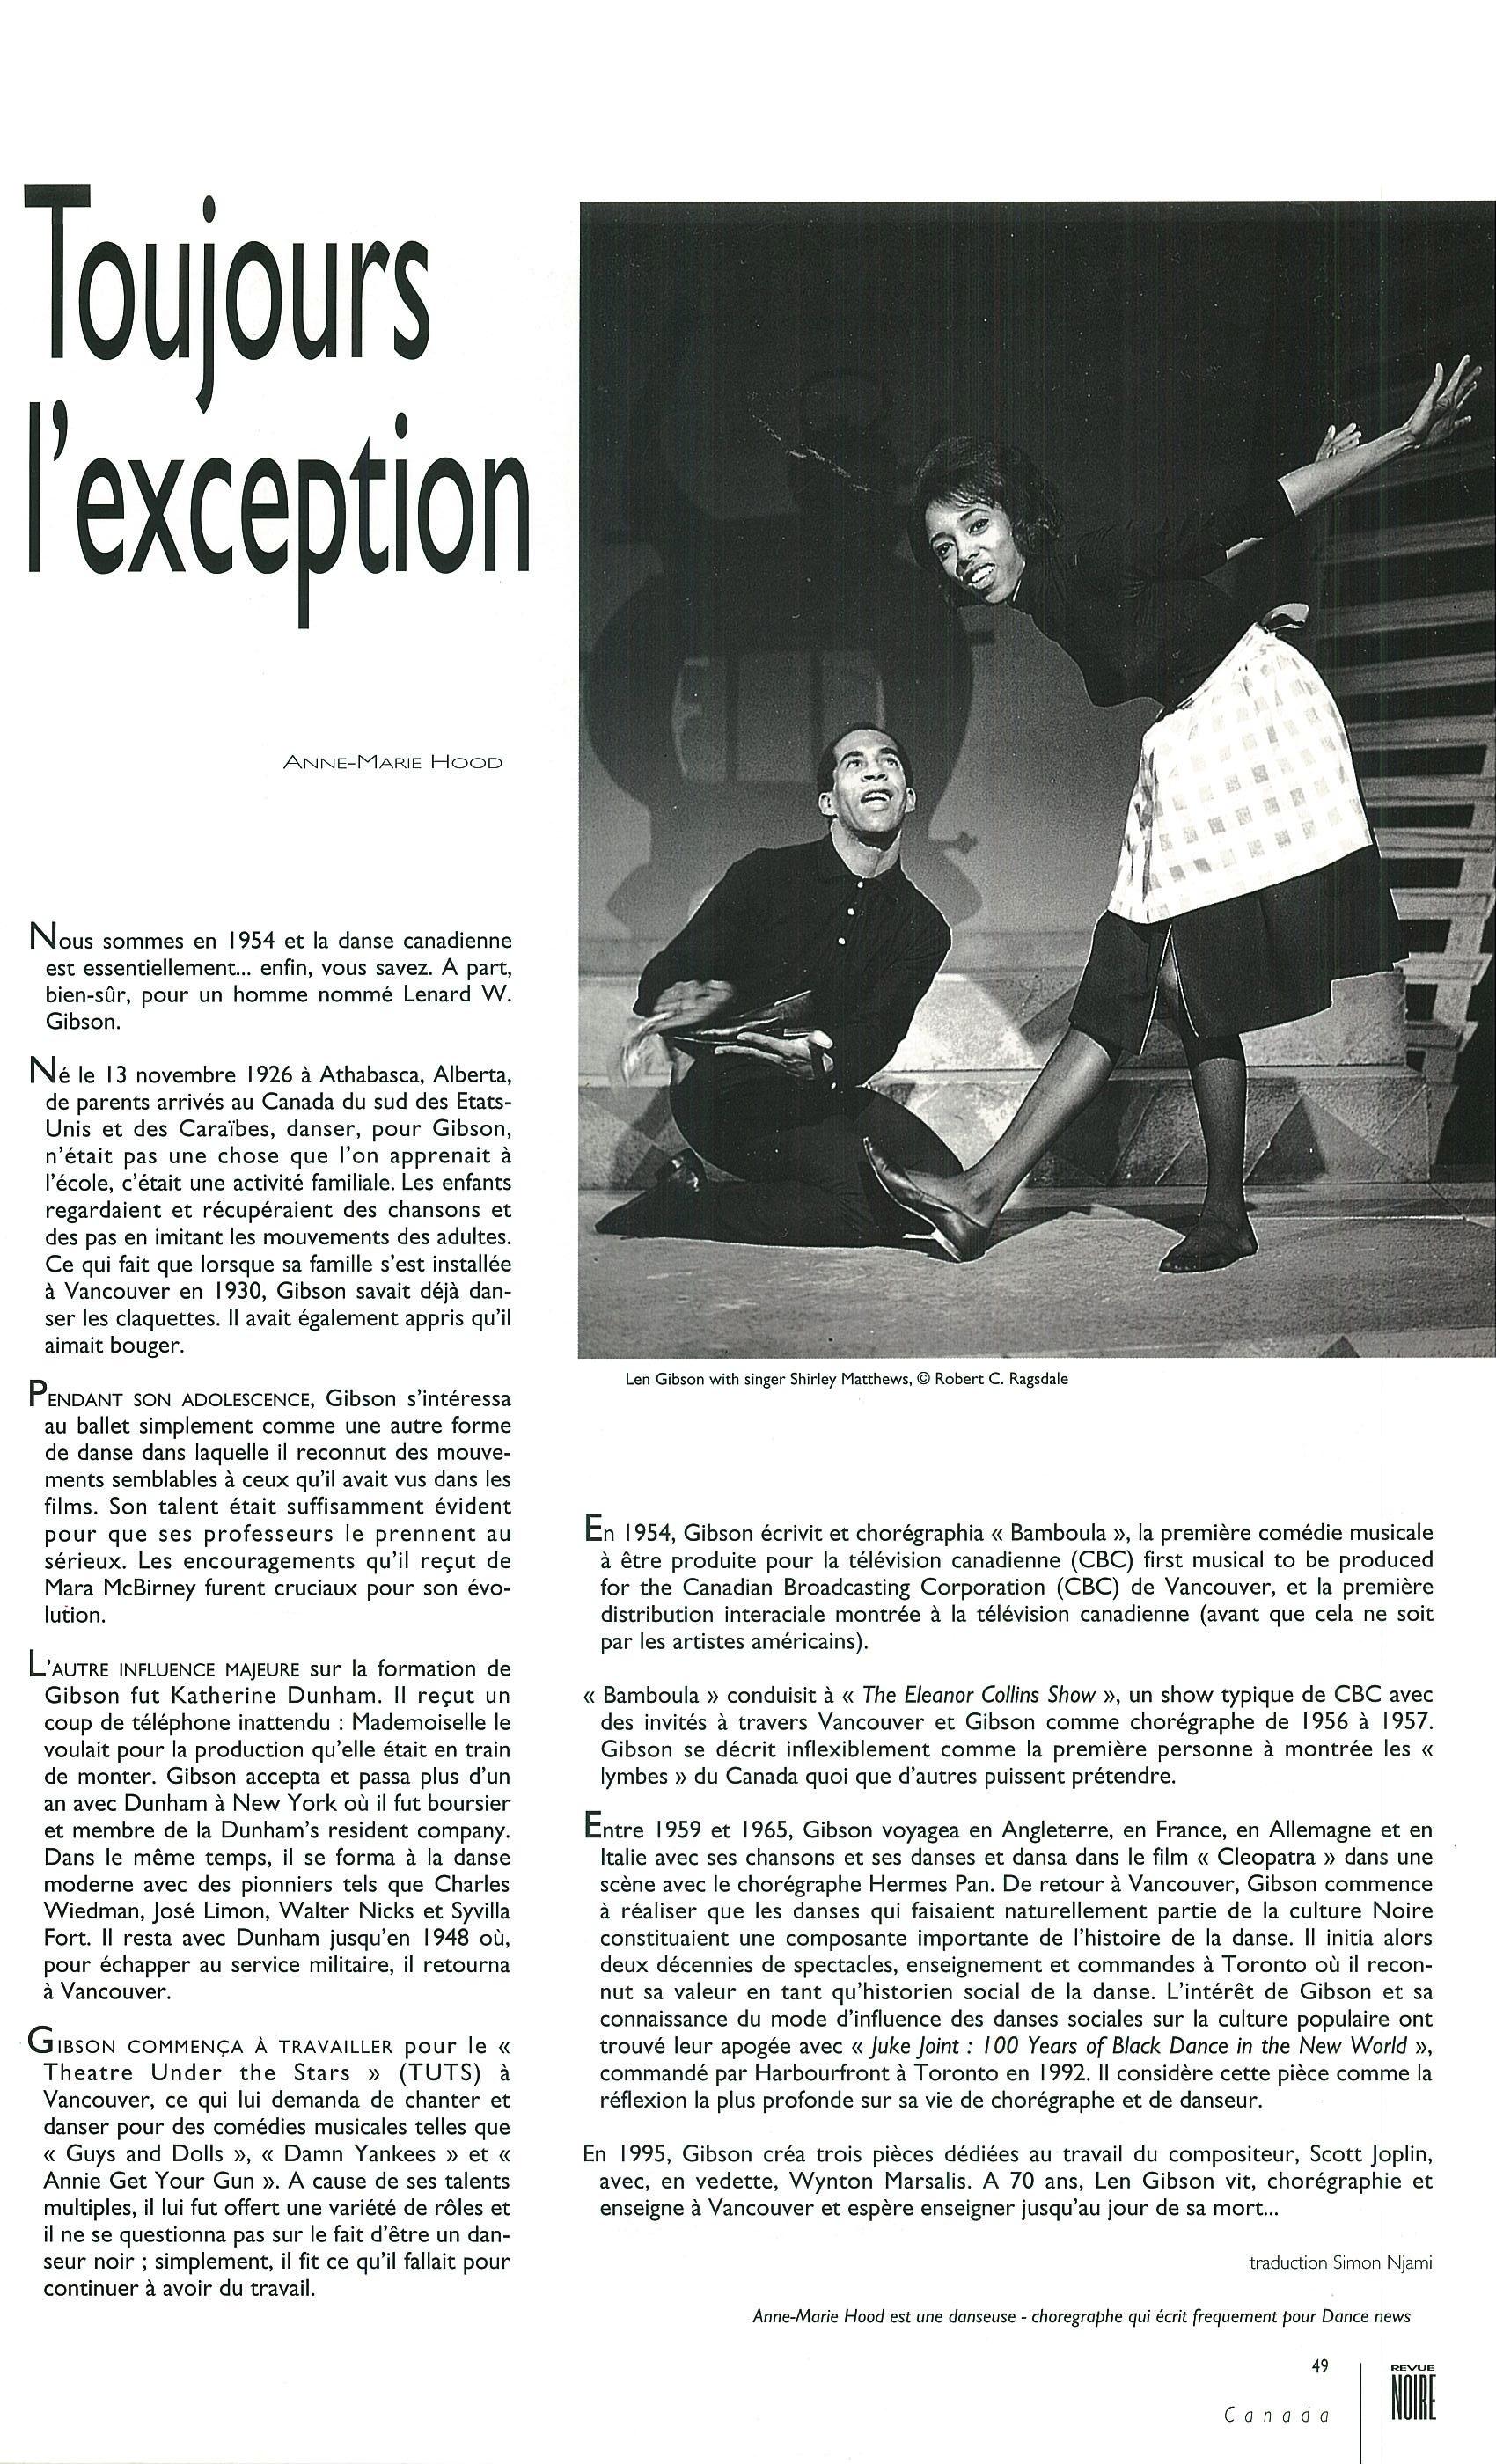 2. Revue Noire book_Page_051